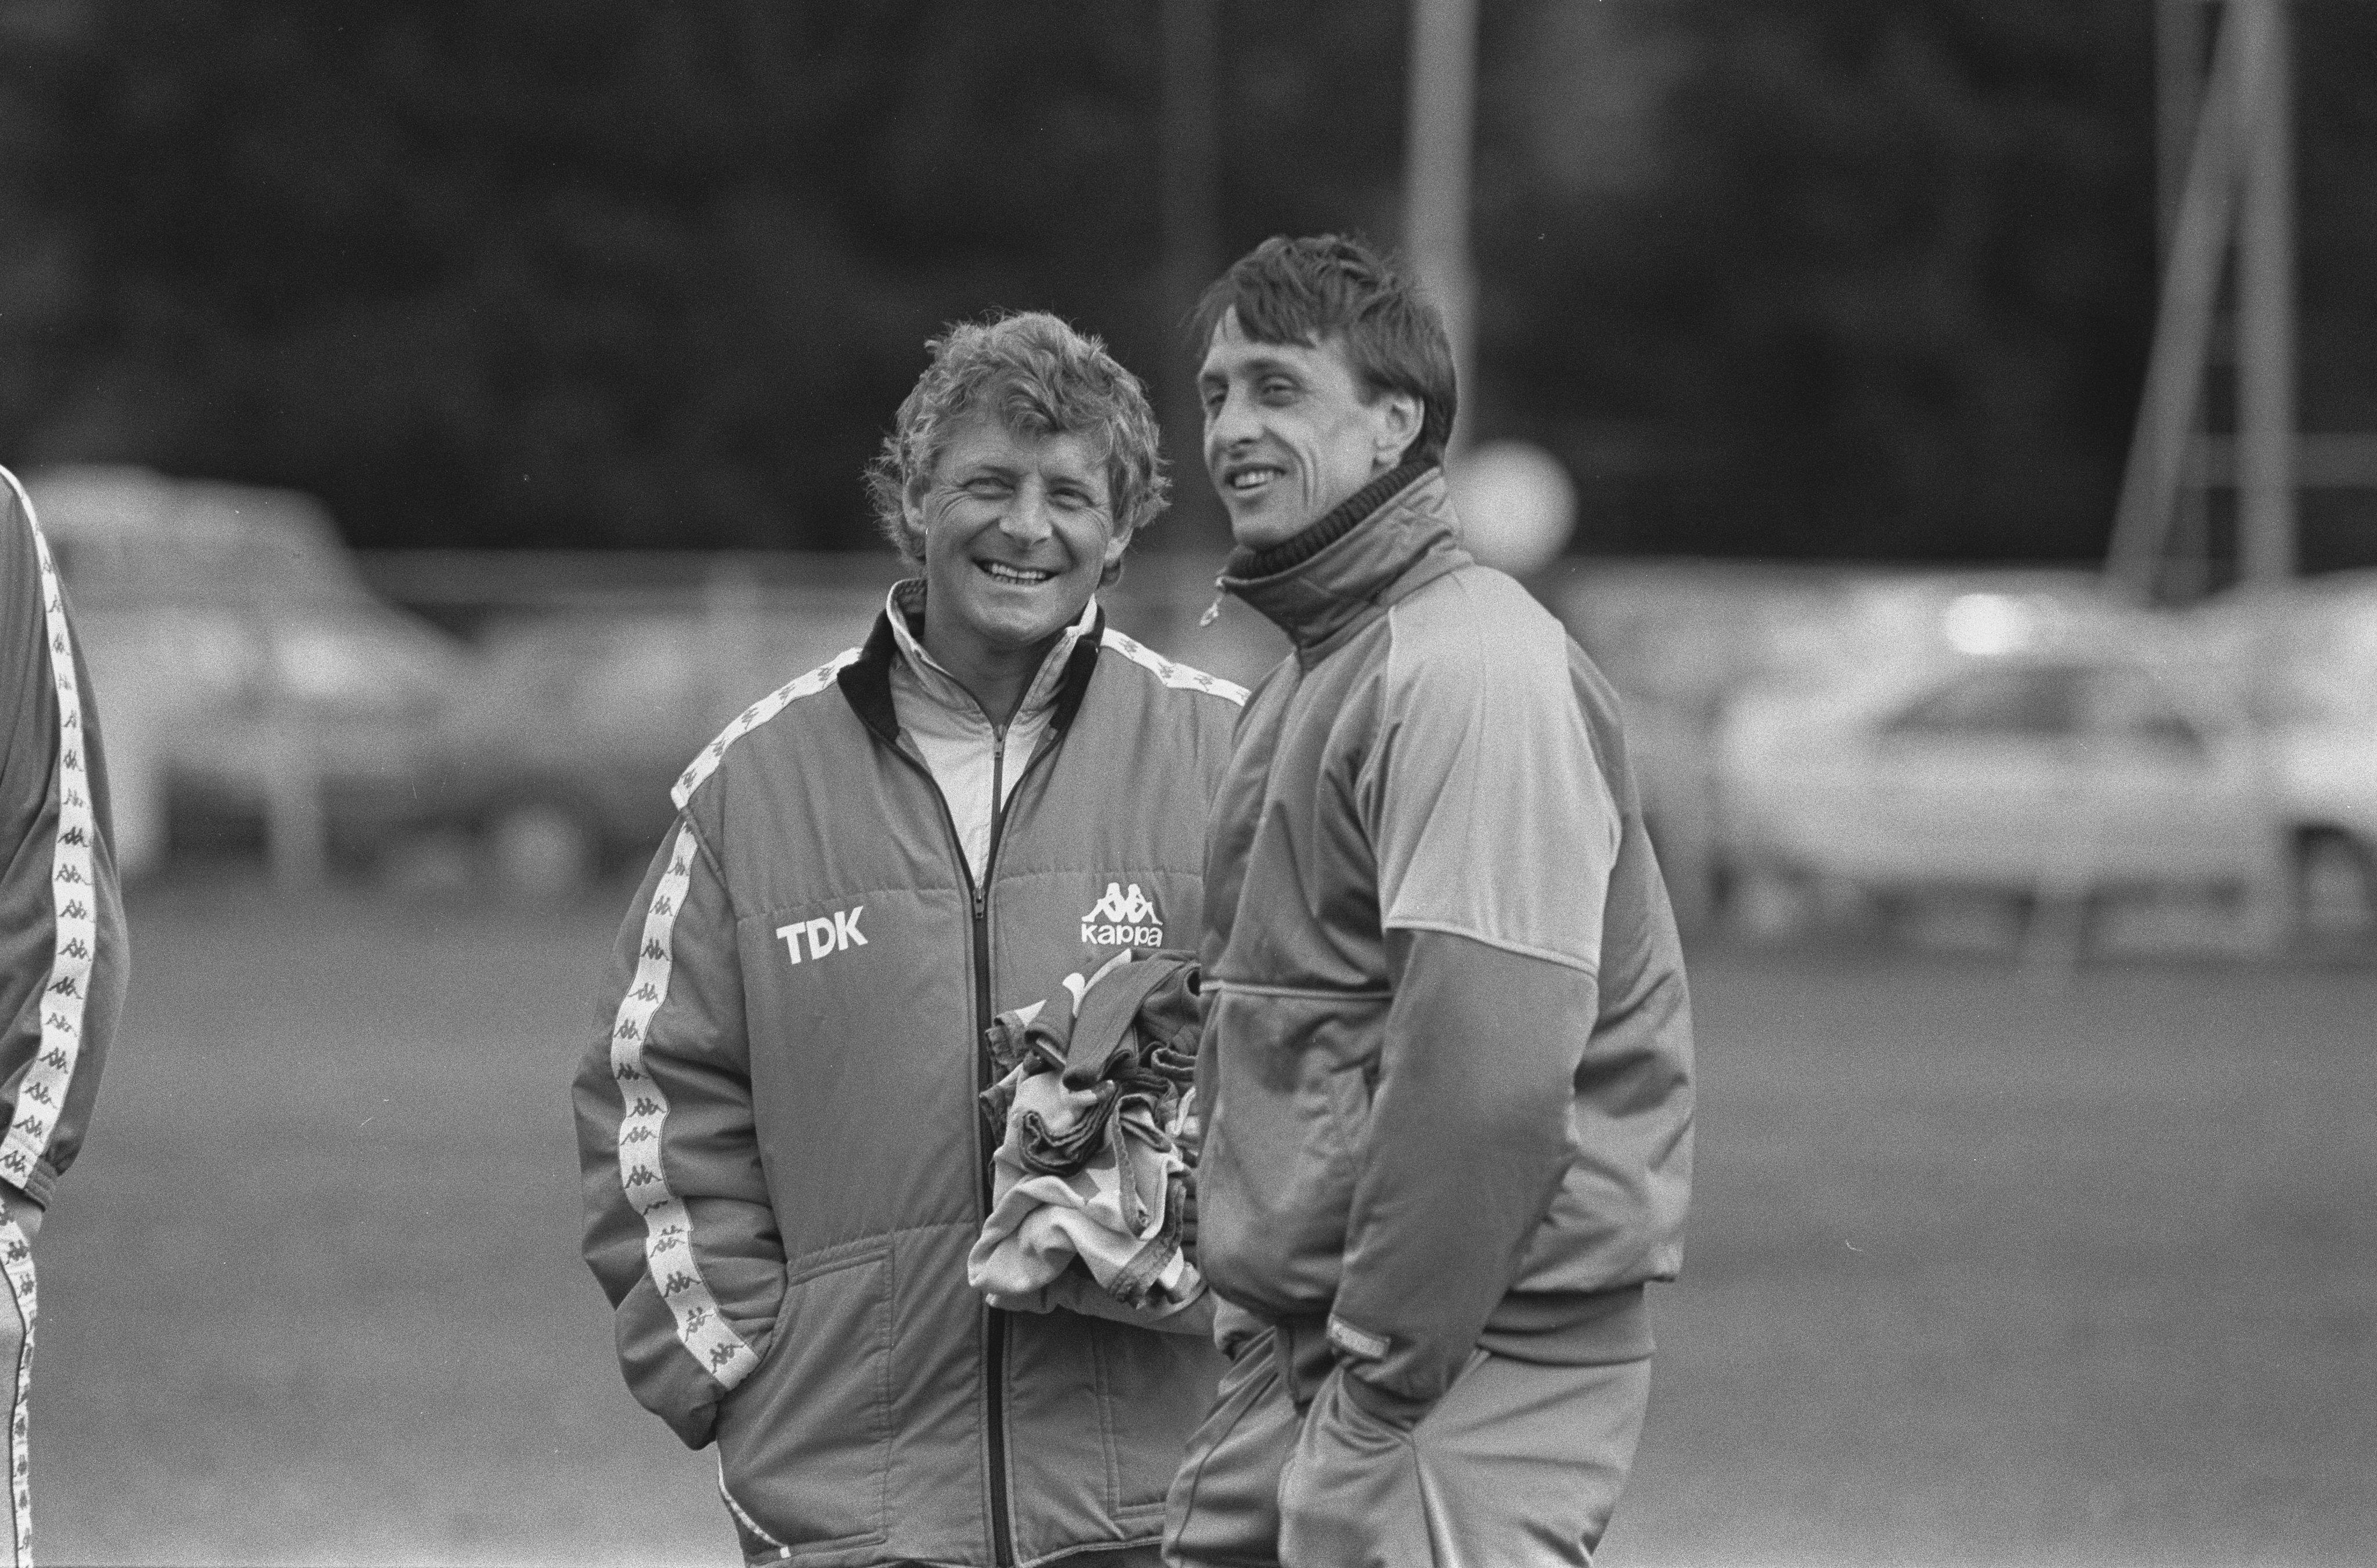 克鲁伊夫和科曼前助手辞世,曾携手打造巴萨梦一队